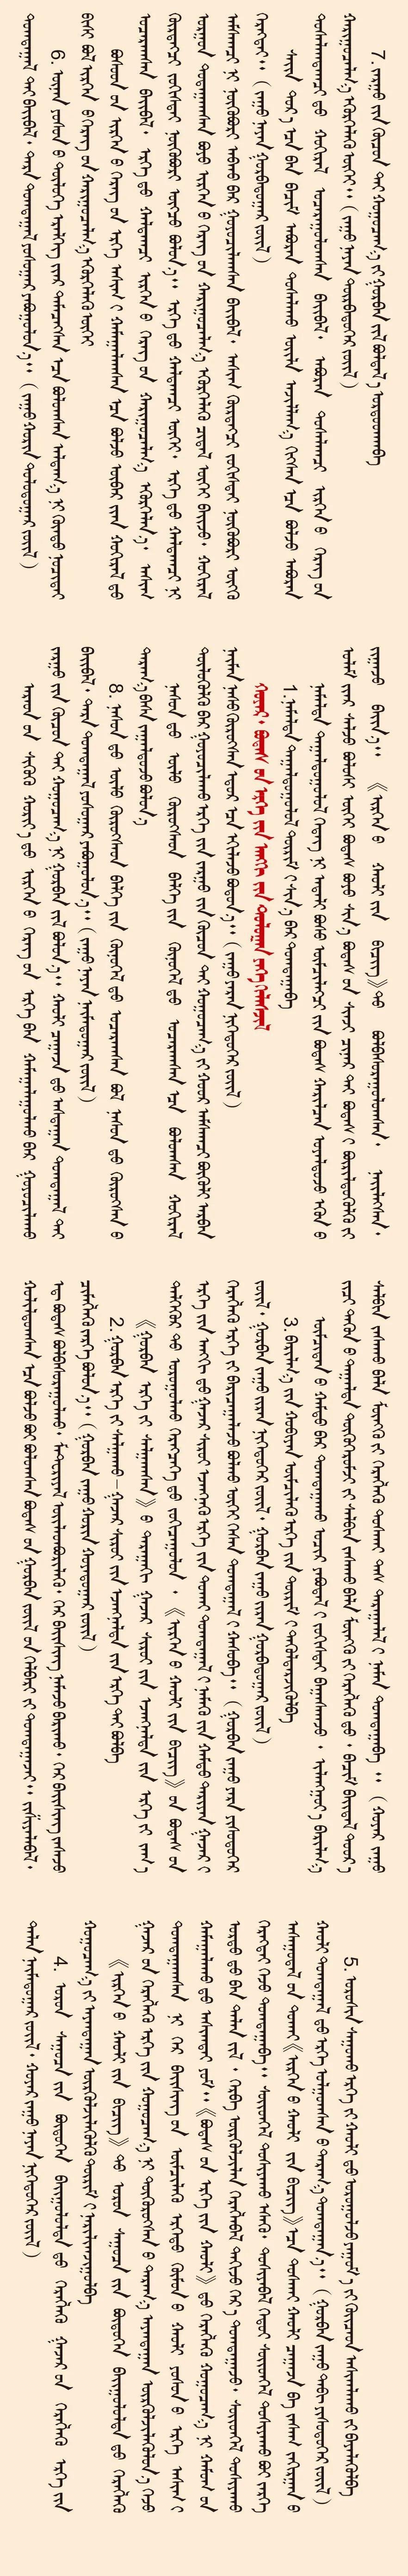 《民法典》49大亮点全梳理 第2张 《民法典》49大亮点全梳理 蒙古文库